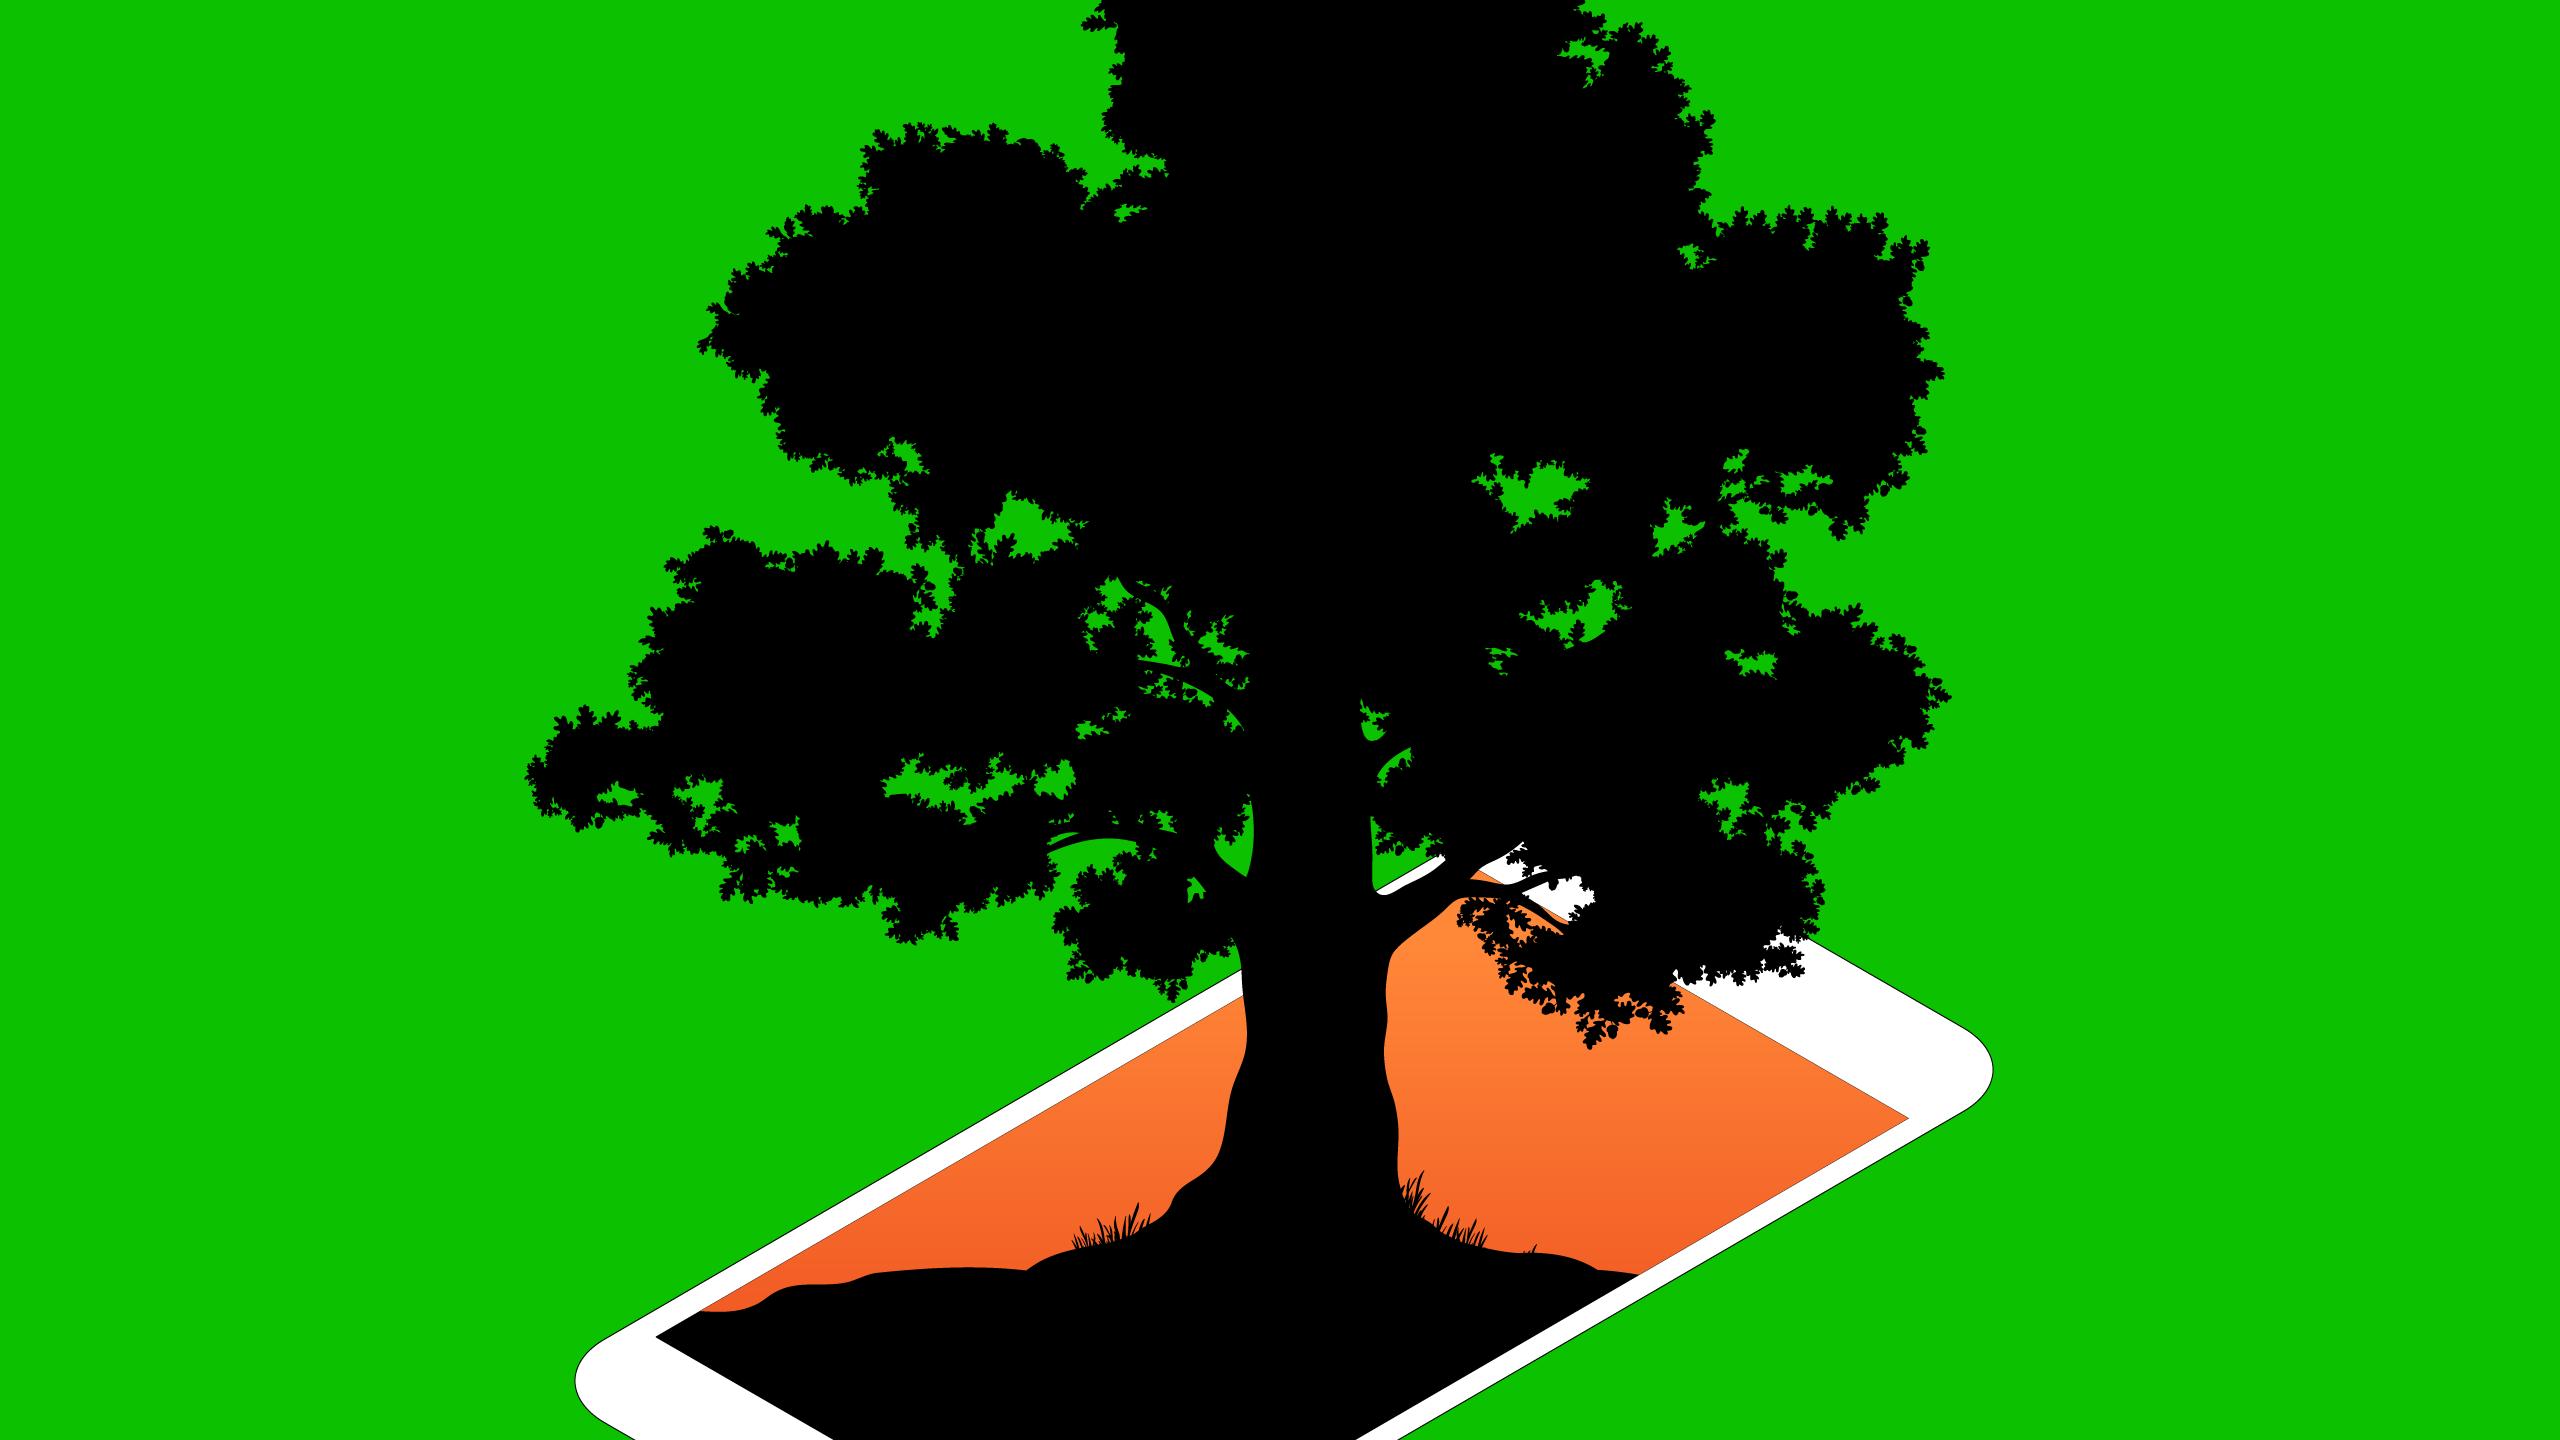 How to grow your app | TechCrunch